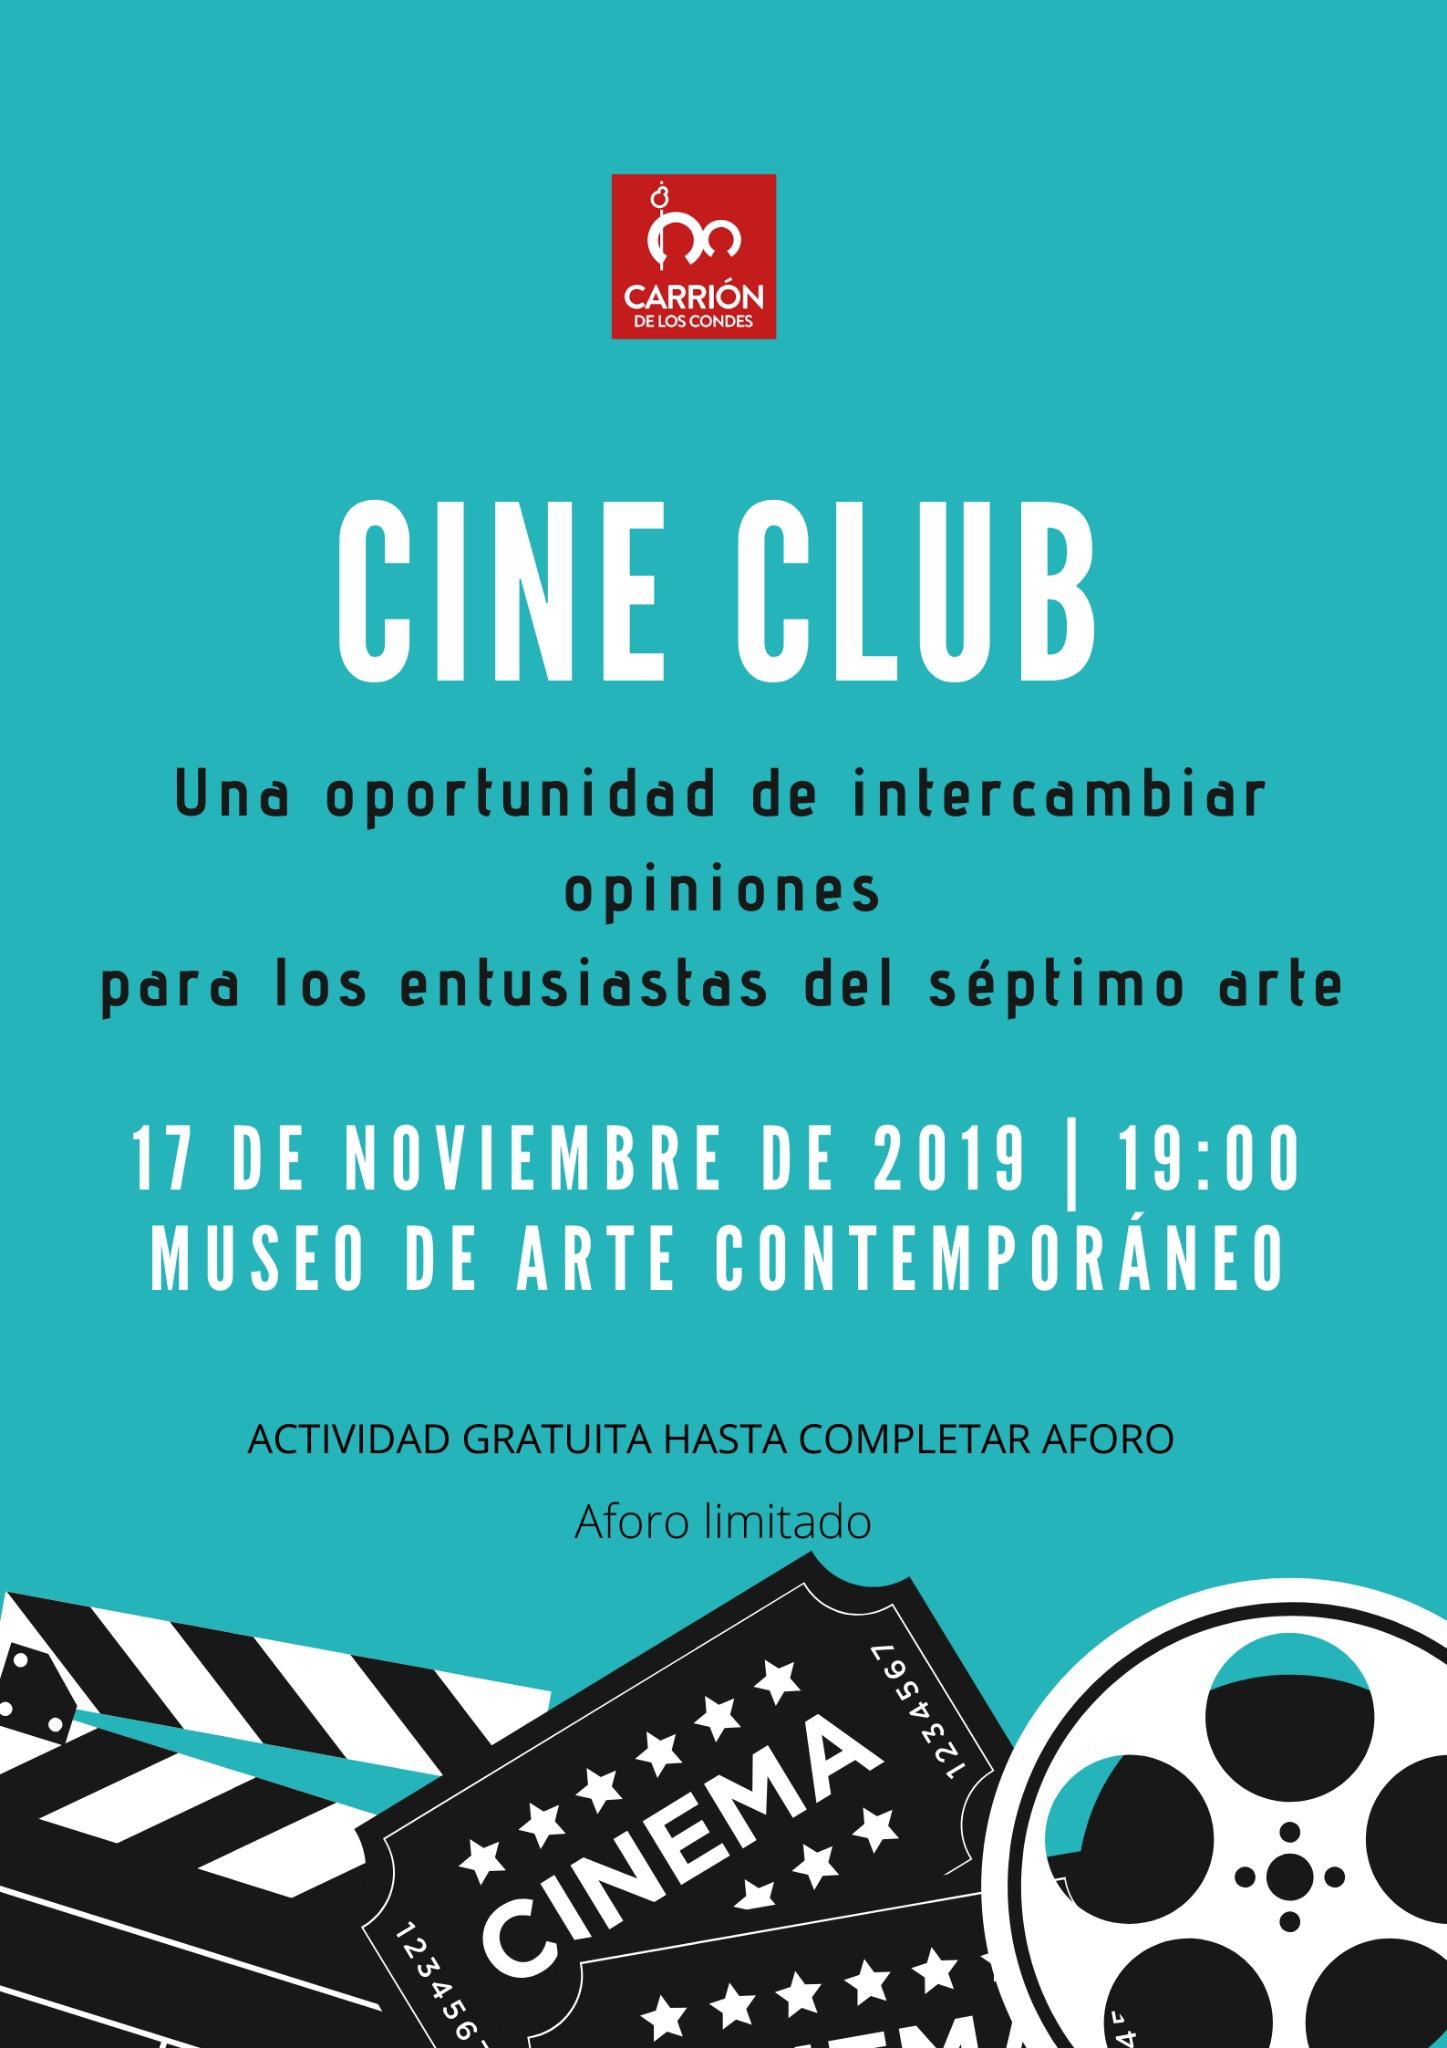 CINE CLUB en Carrión de los Condes